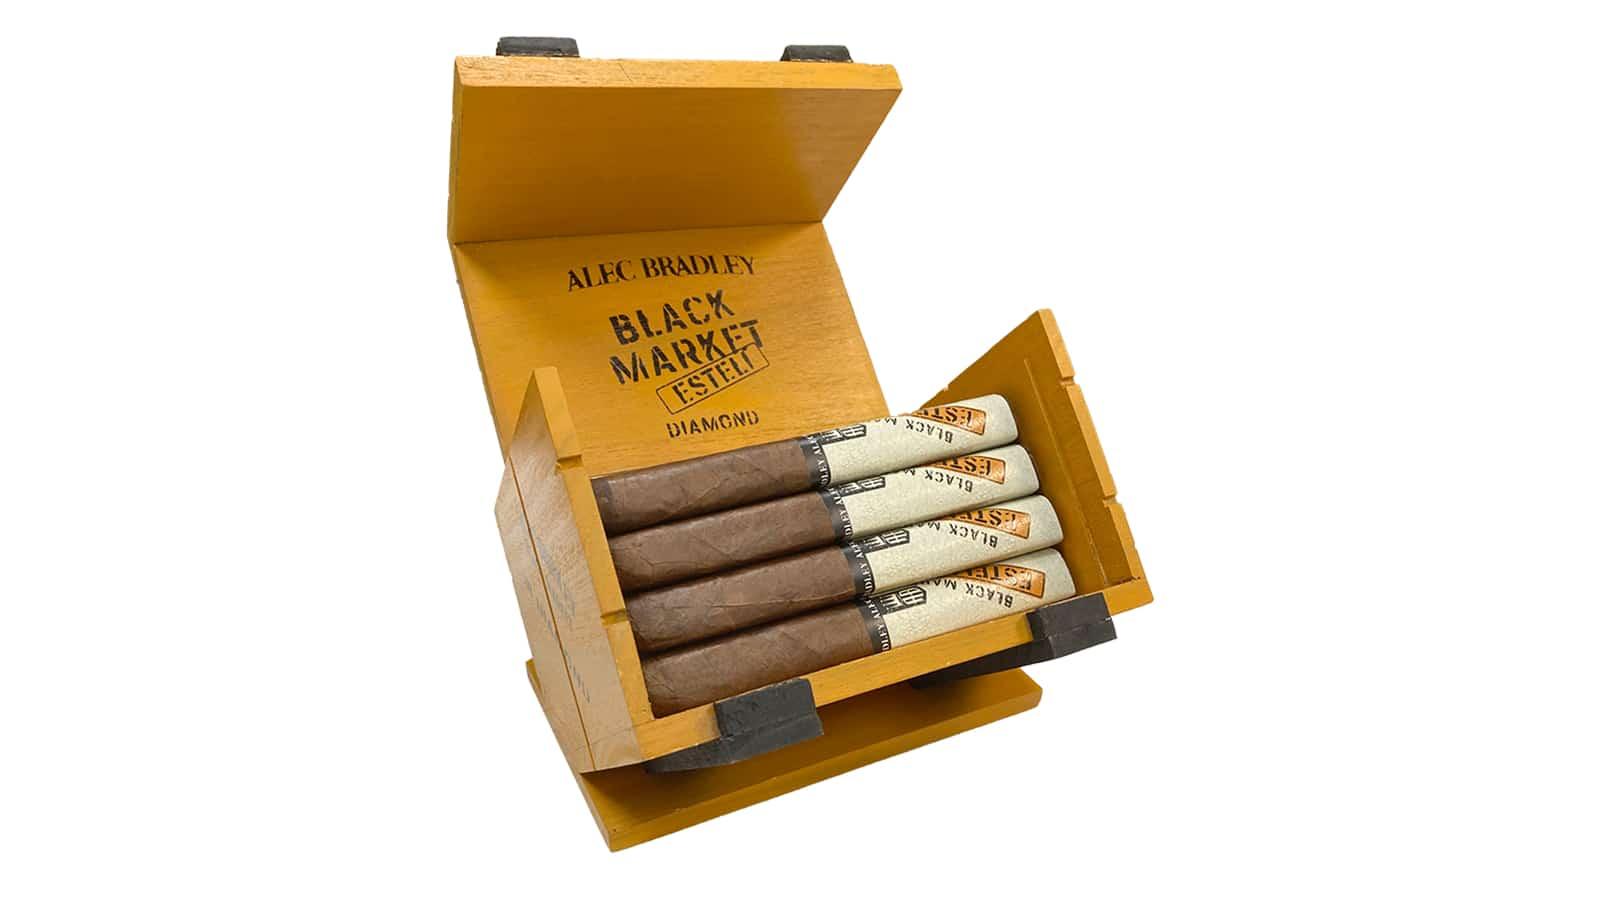 Alec Bradley Black Market Esteli Diamond